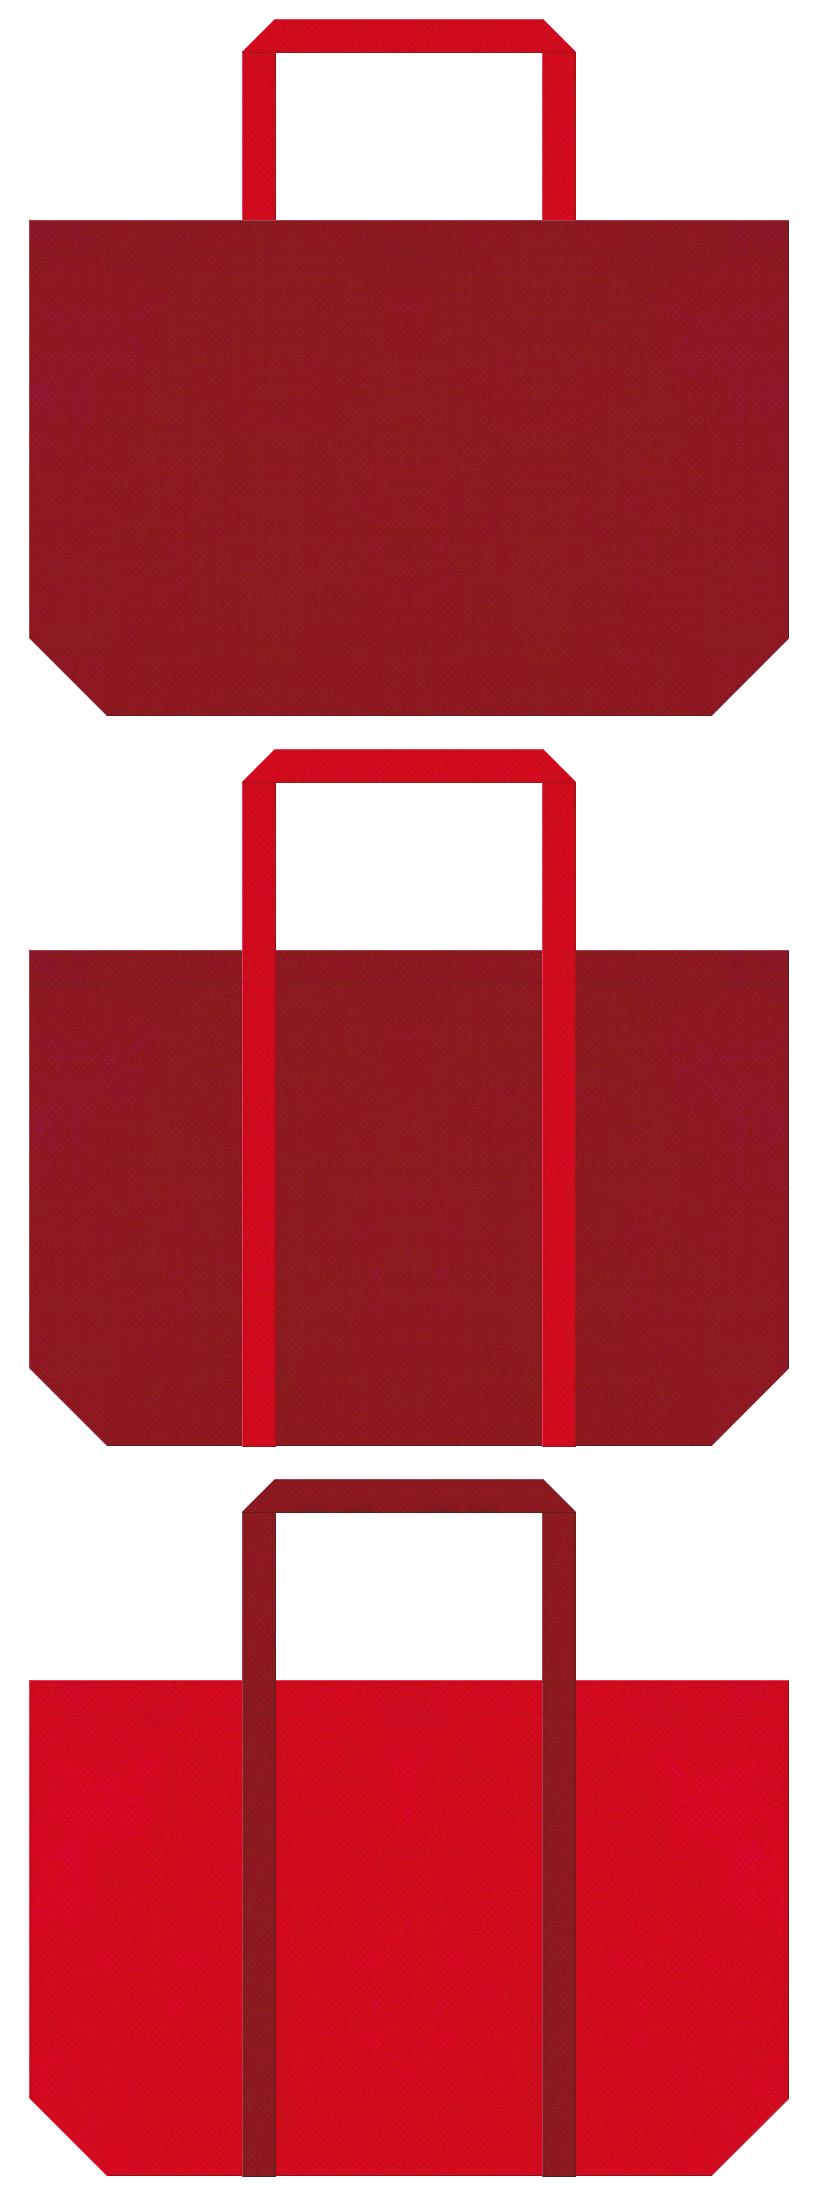 エンジ色と紅色の不織布ショッピングバッグのデザイン:クリスマス商品のショッピングバッグ・福袋にお奨めの配色です。